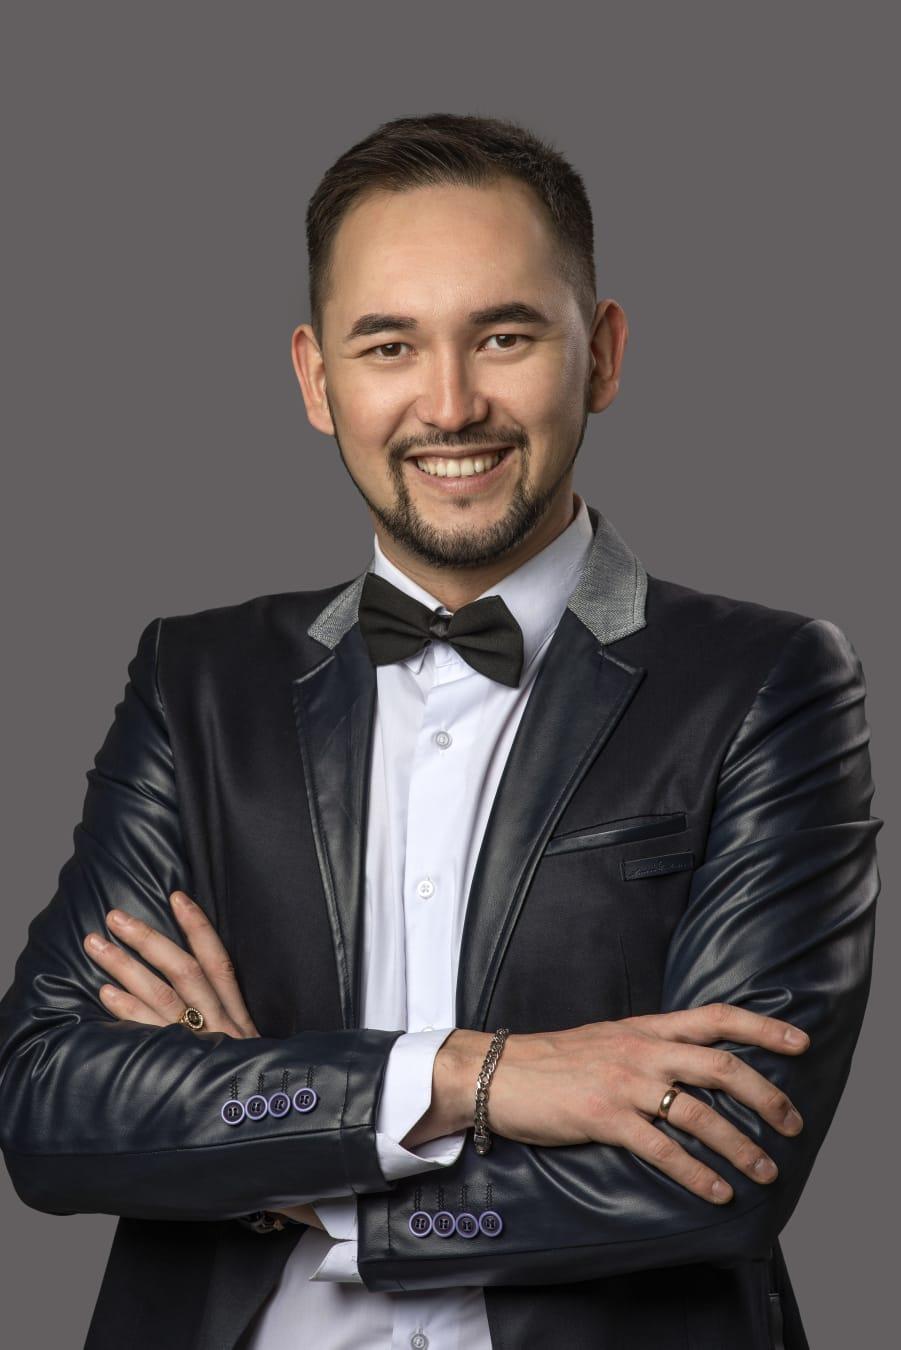 Сегодня свой день рождения отмечает артист-вокалист (солист) Нефтекамской государственной филармонии Азат Карачурин